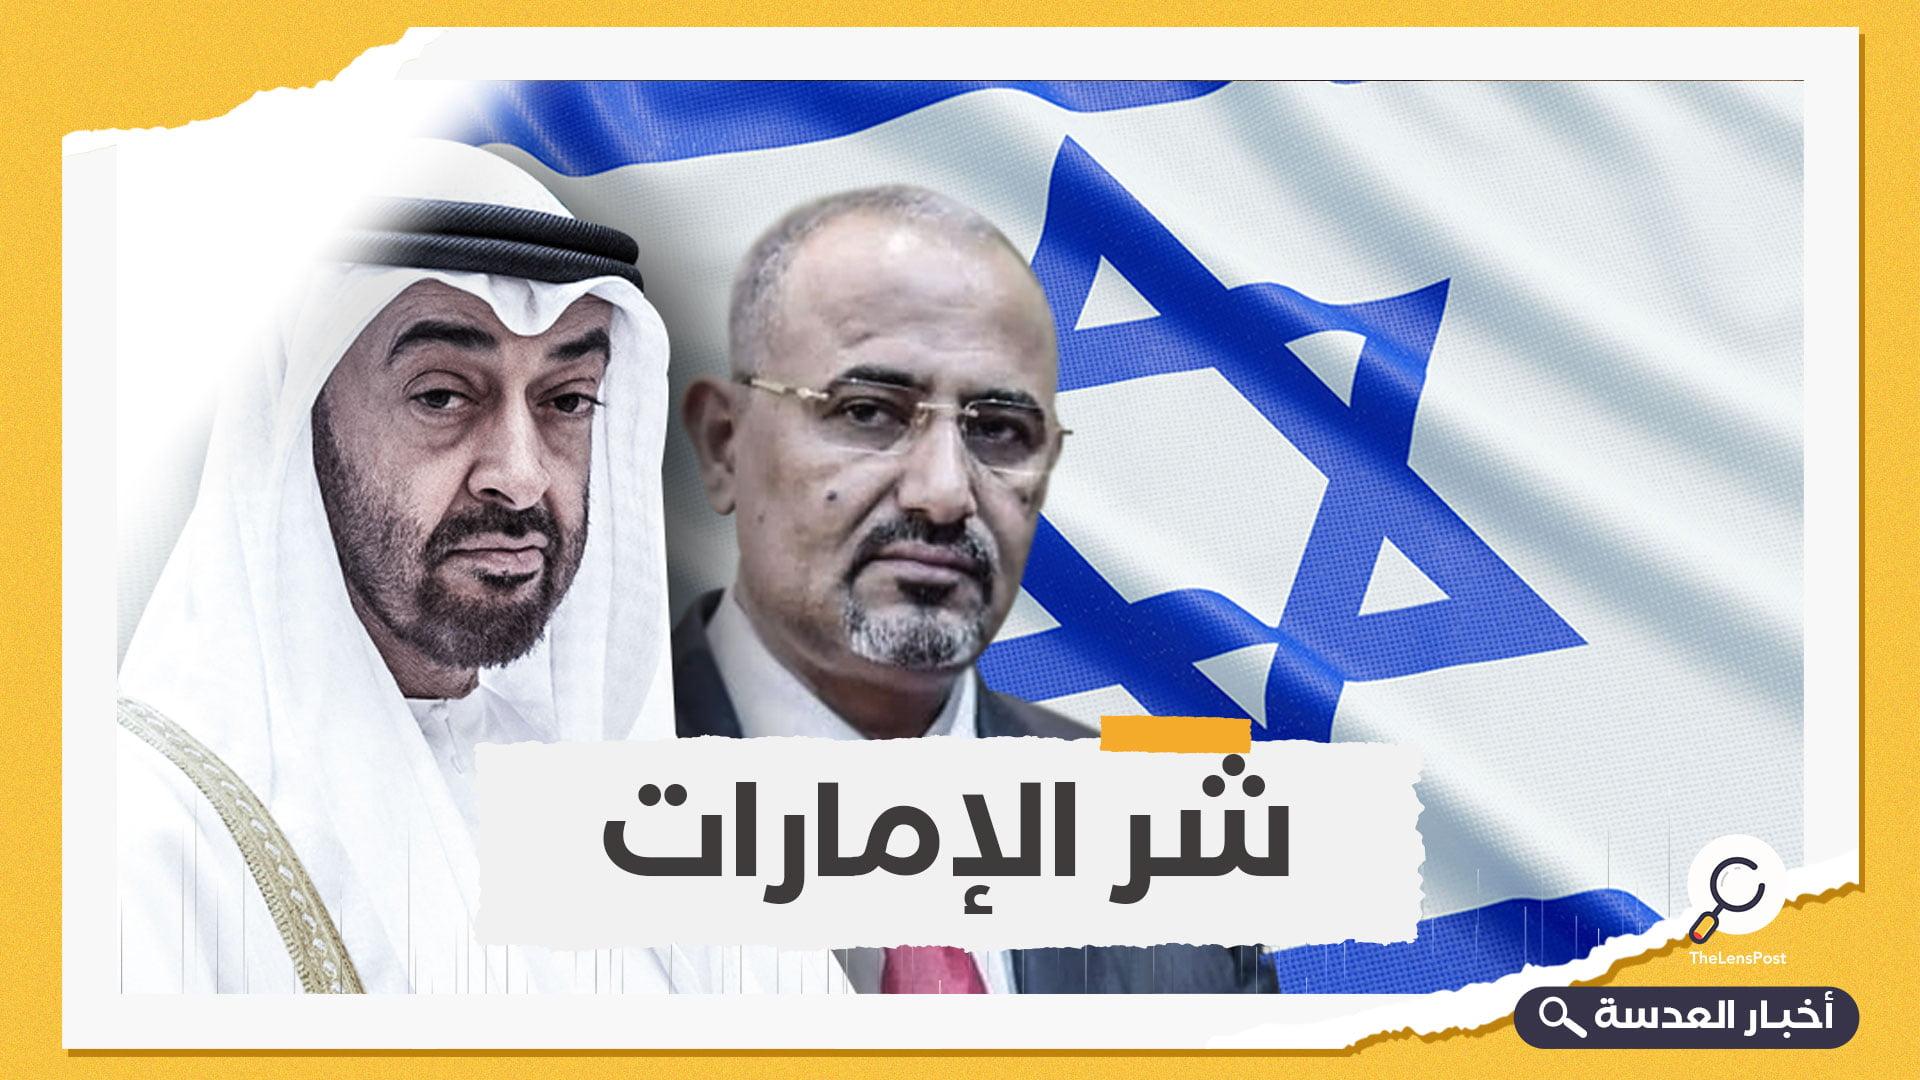 وكلاء الإمارات في اليمن يلوحون بالتطبيع حال انفصالهم عن الشمال اليمني